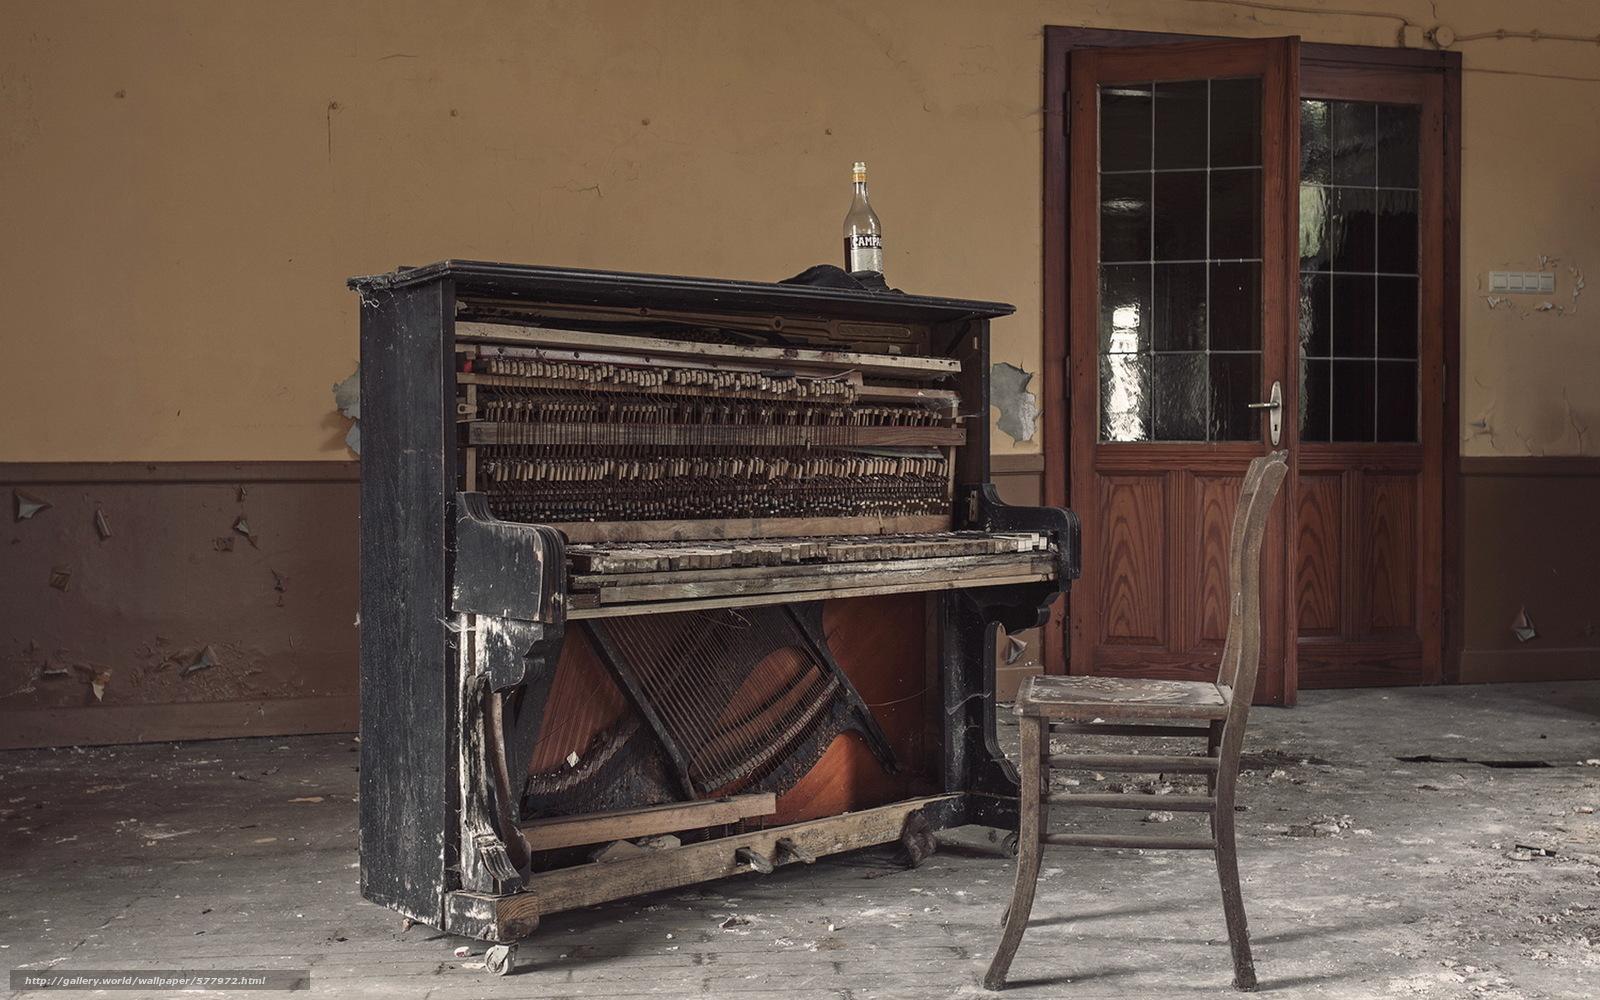 tlcharger fond d 39 ecran musique piano chambre fonds d 39 ecran gratuits pour votre rsolution du. Black Bedroom Furniture Sets. Home Design Ideas